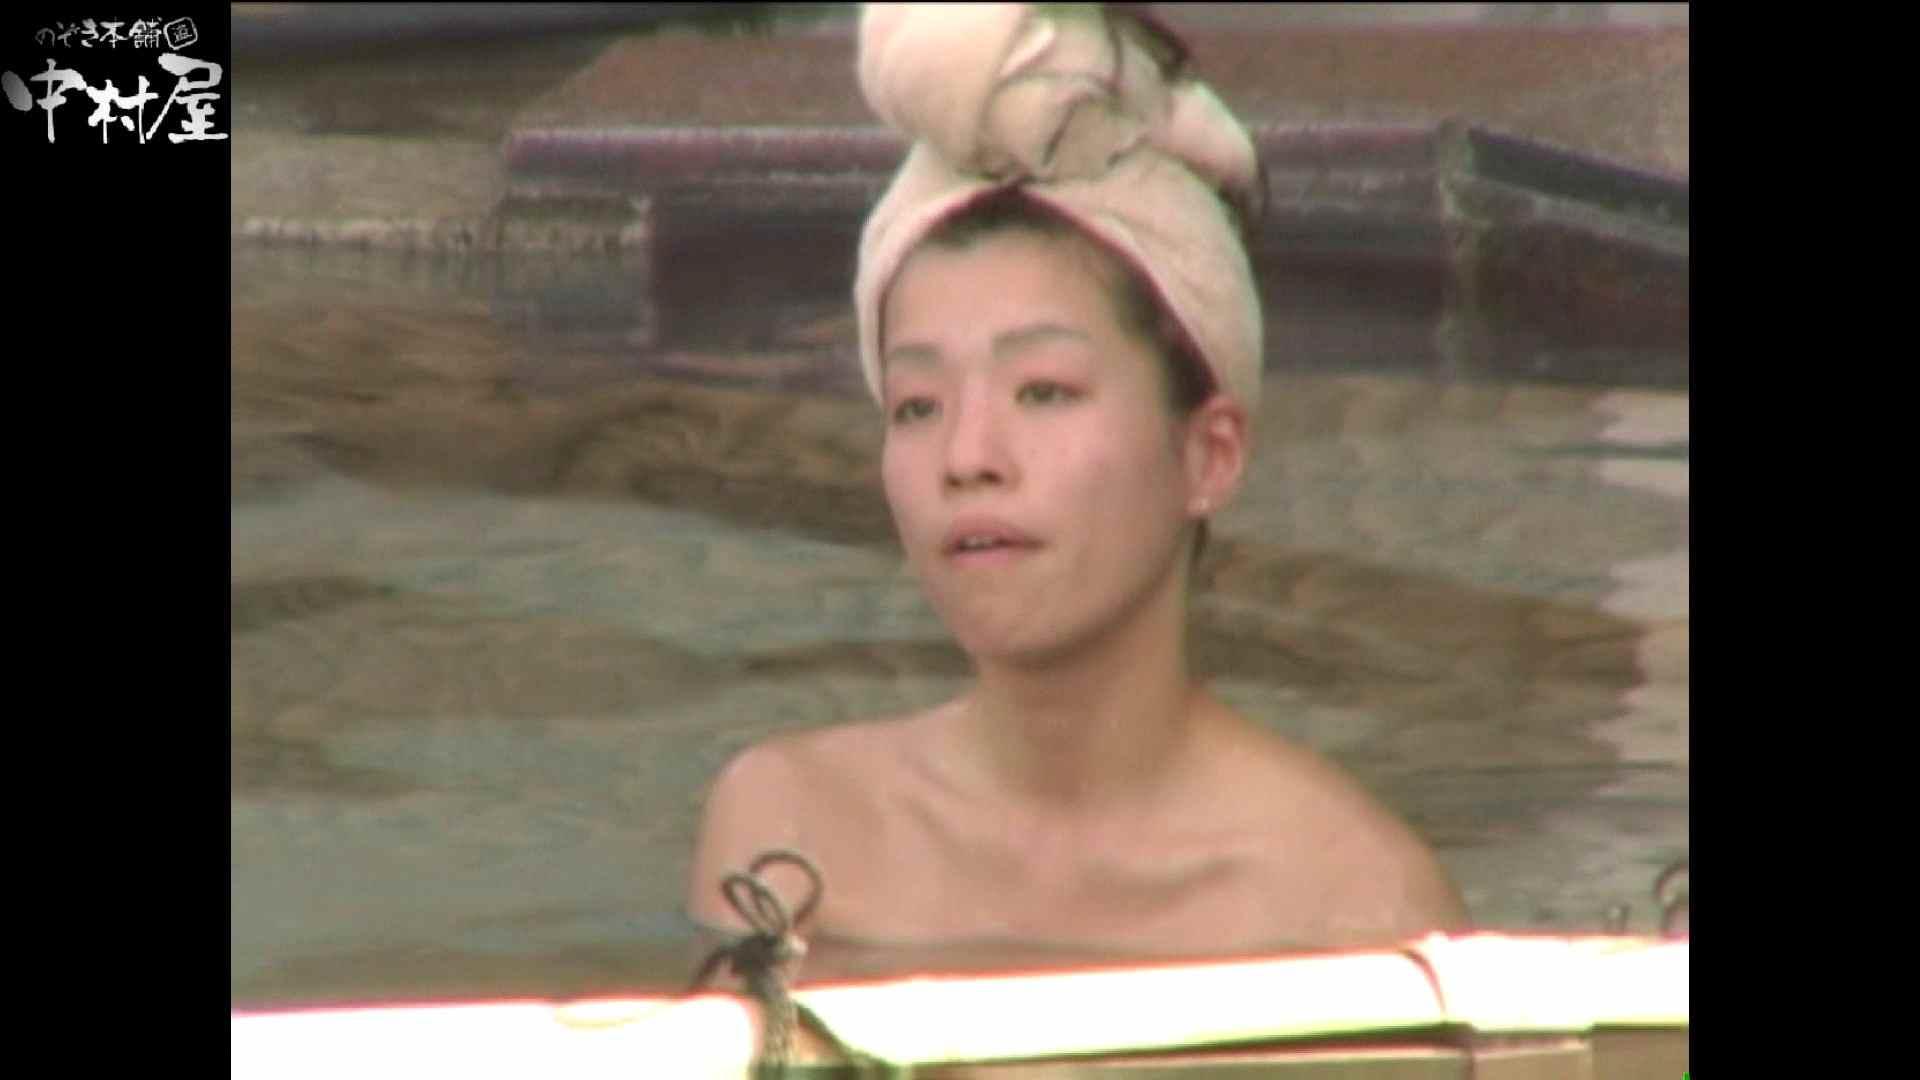 Aquaな露天風呂Vol.979 美しいOLの裸体 | 盗撮師作品  71pic 43